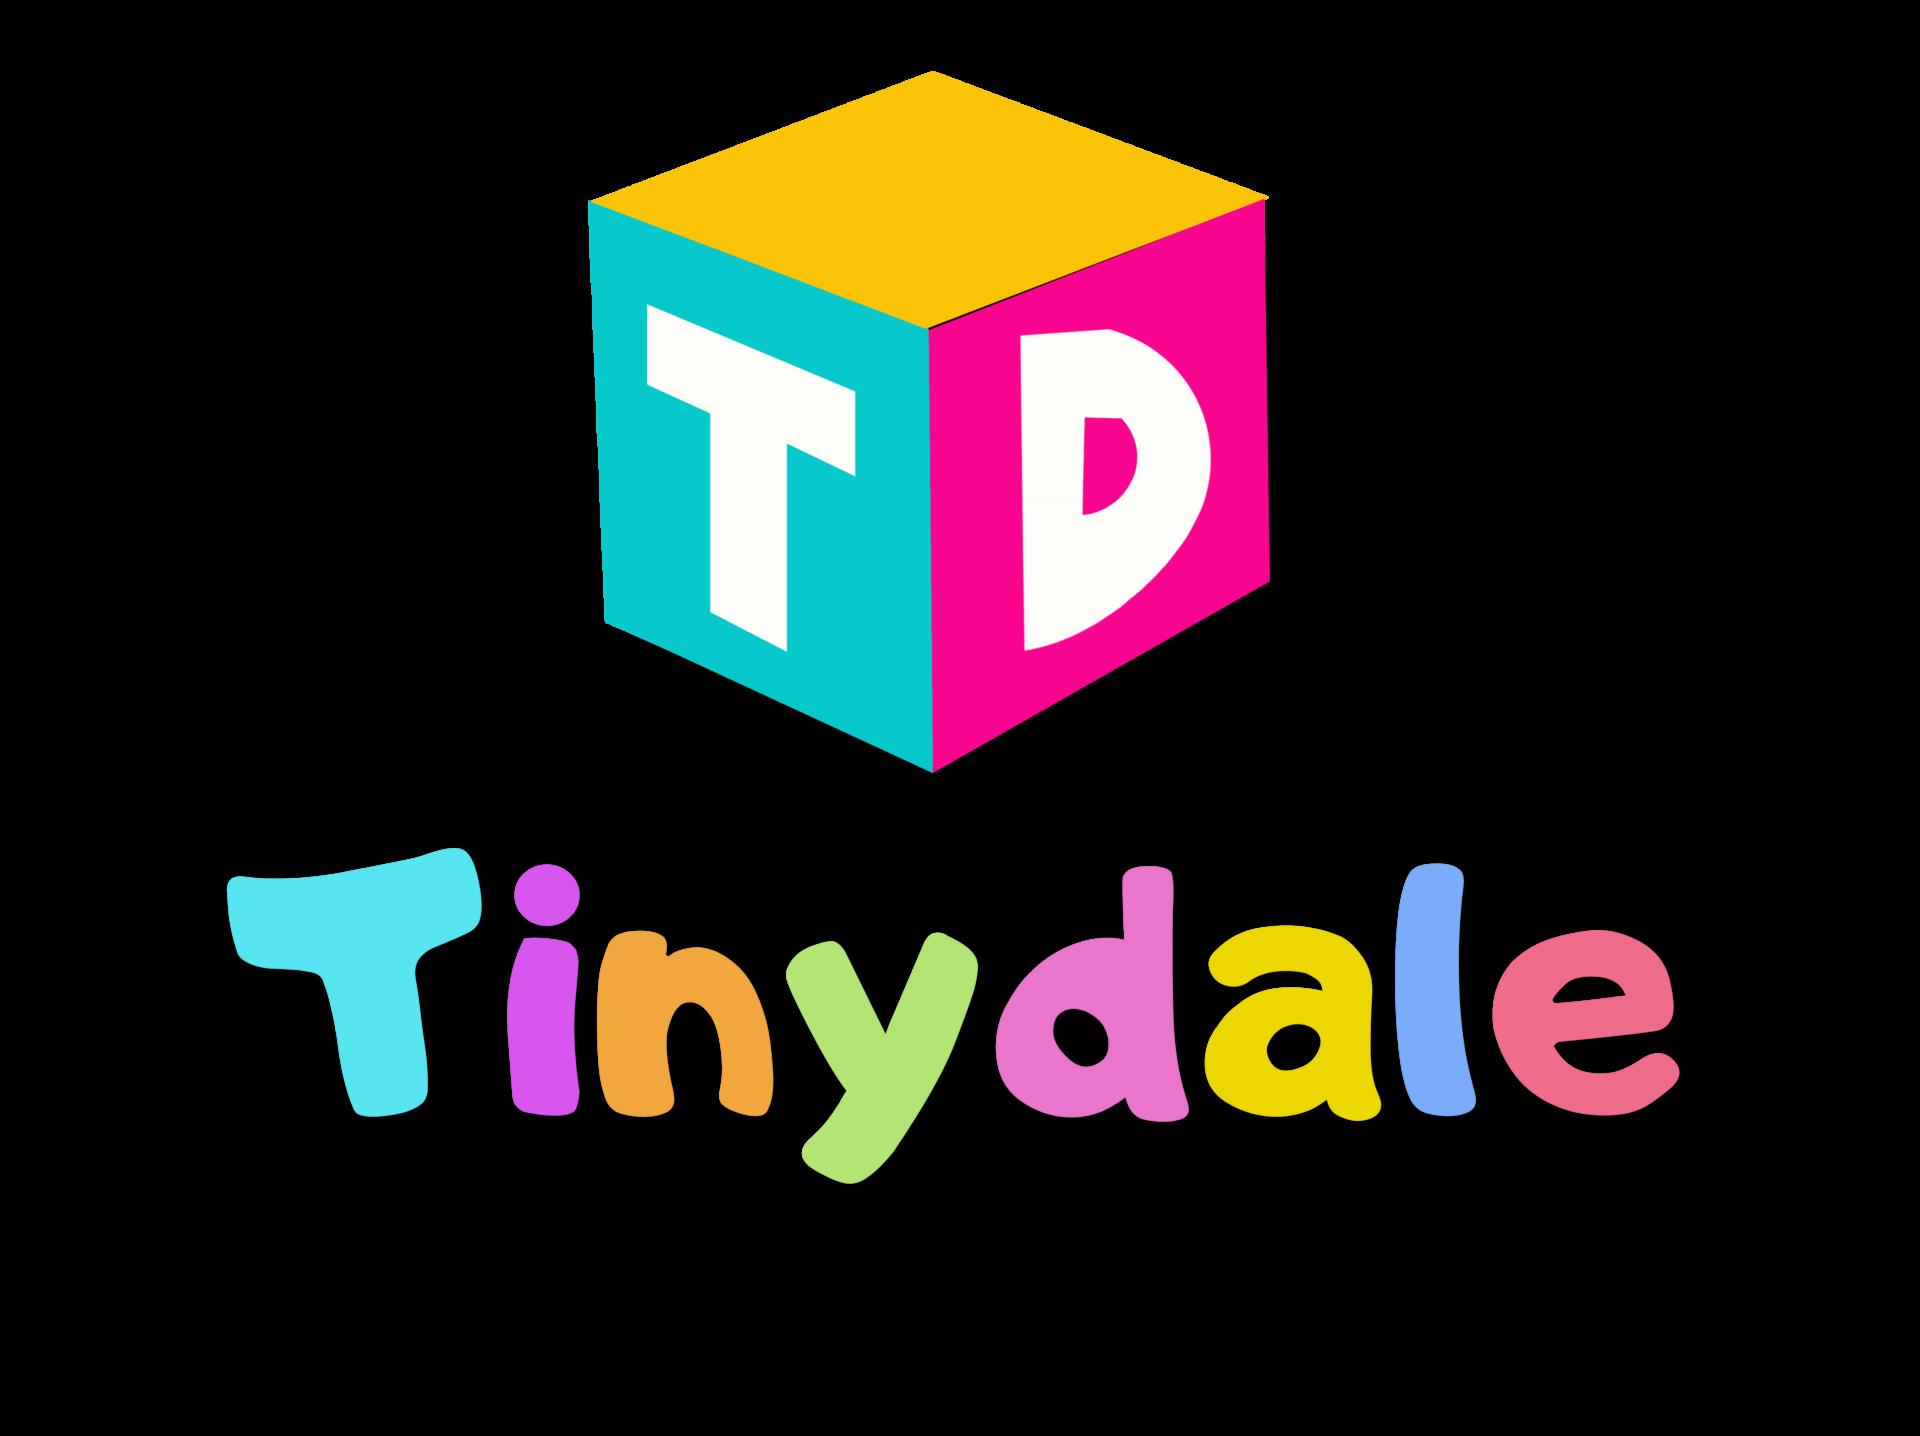 Tinydale